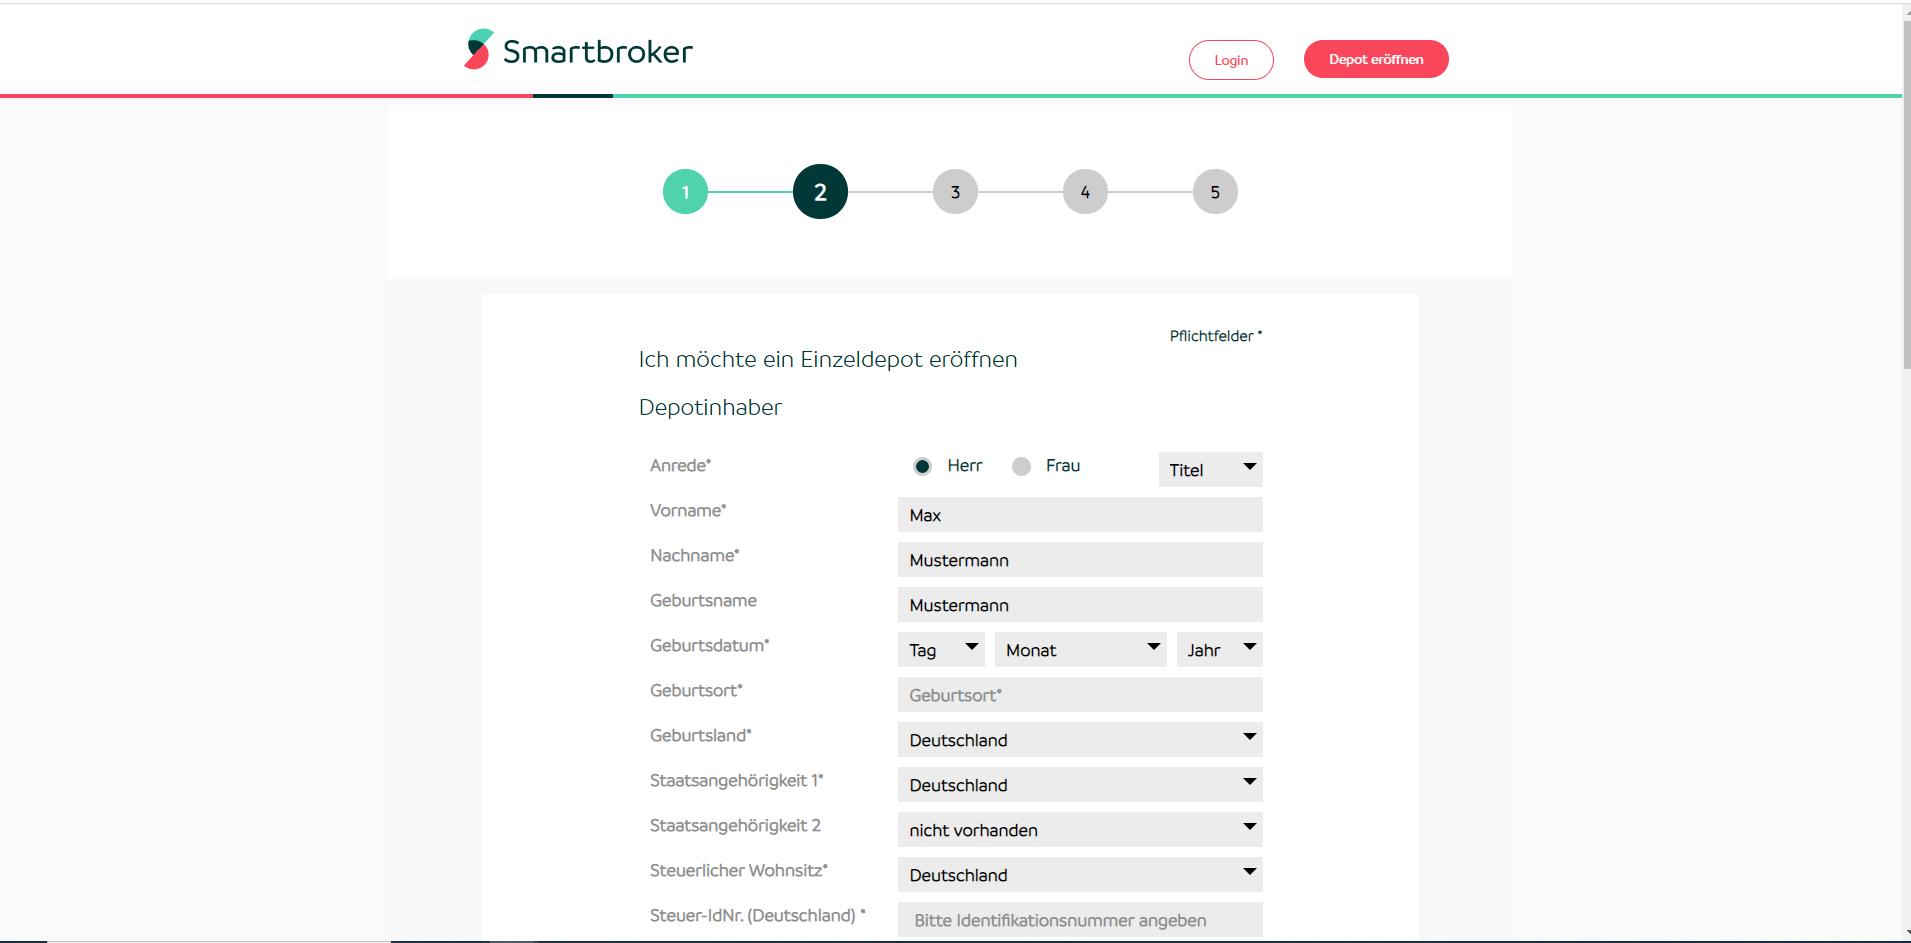 Smartbroker Bewertung